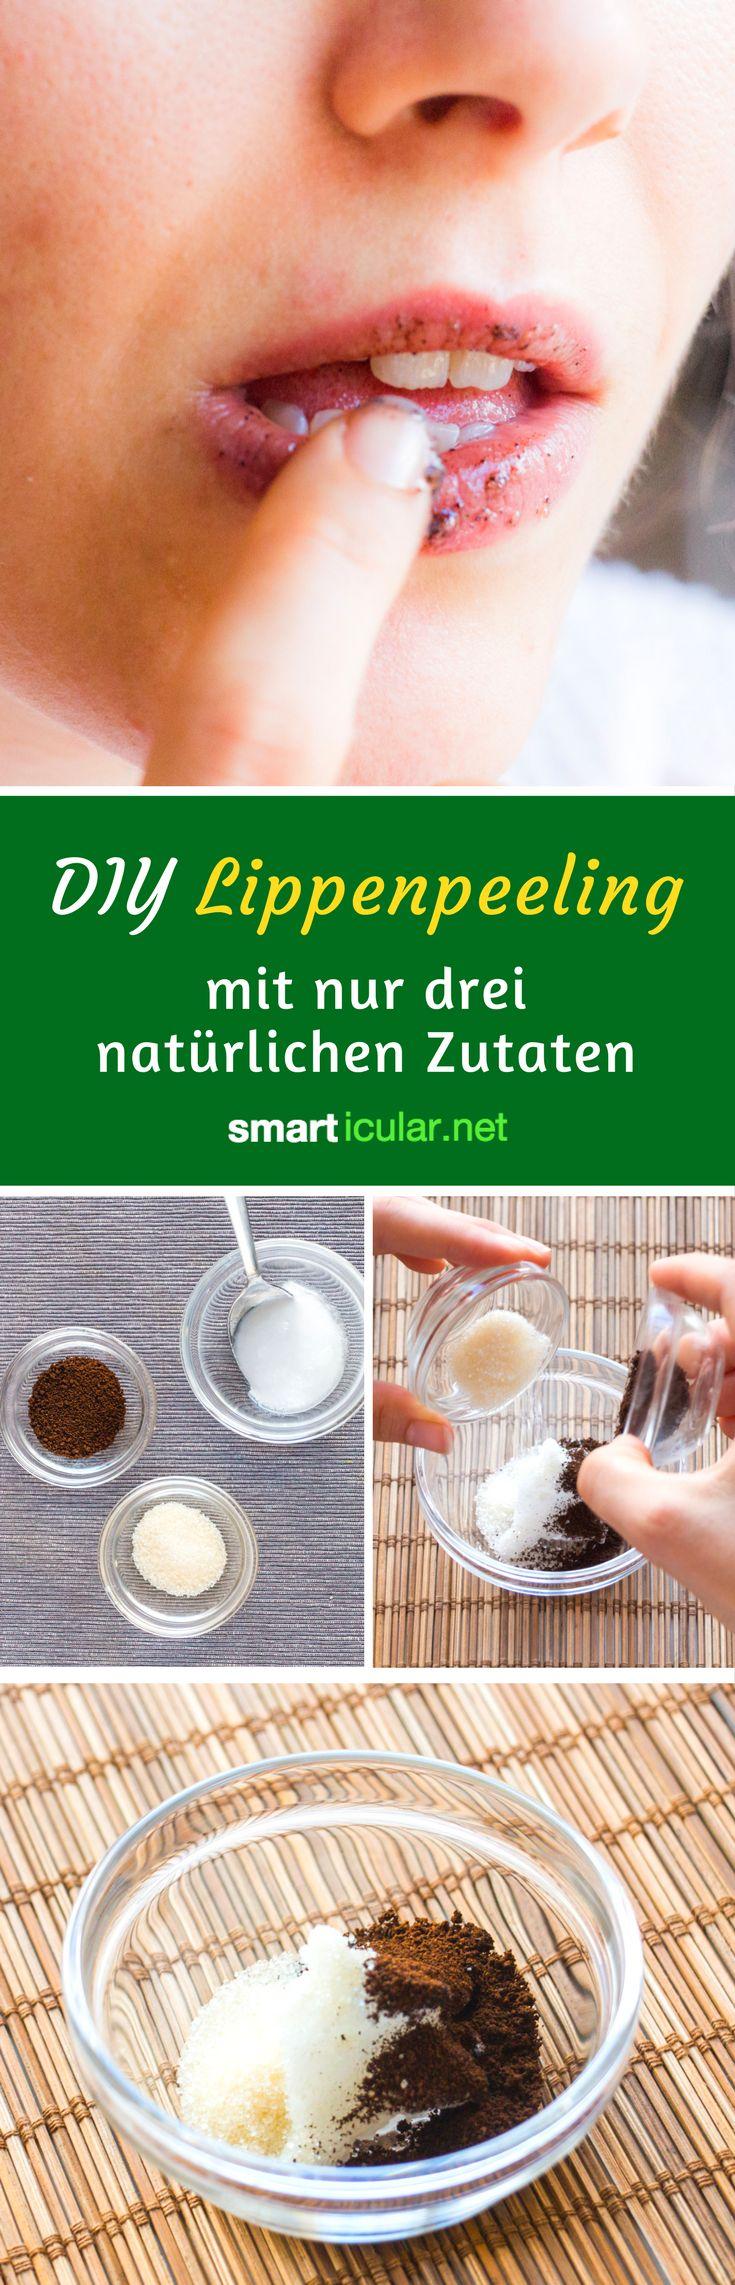 Kaffeesatz Peeling více než 25 nejlepších nápadů na pinterestu na téma peeling aus